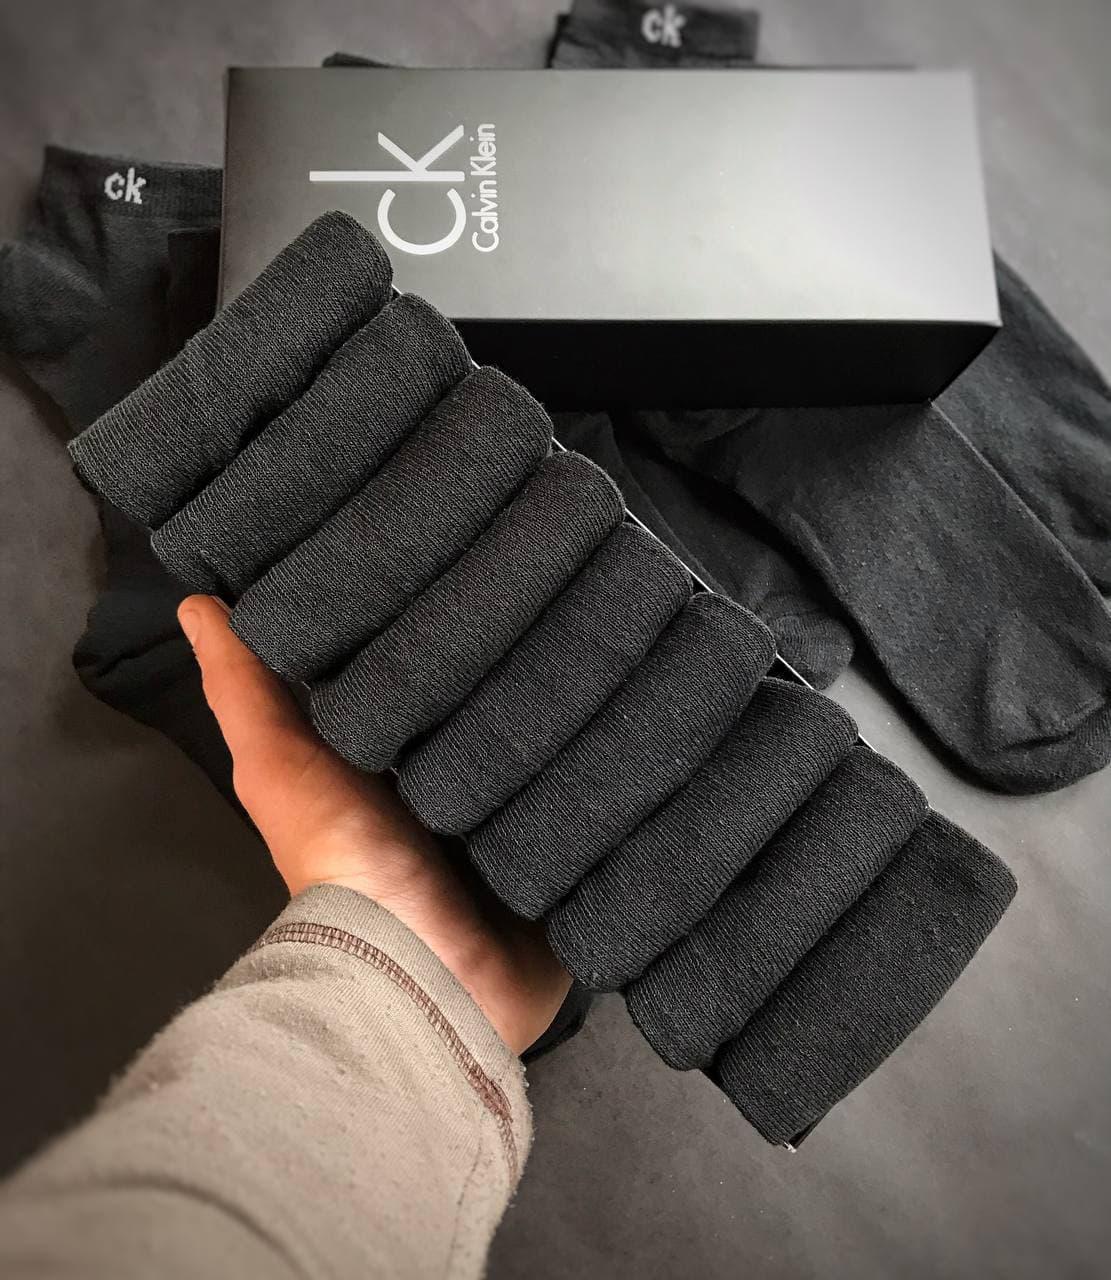 Набор коротких мужских носков Calvin Klein 9 пар черных в подарочной упаковке!